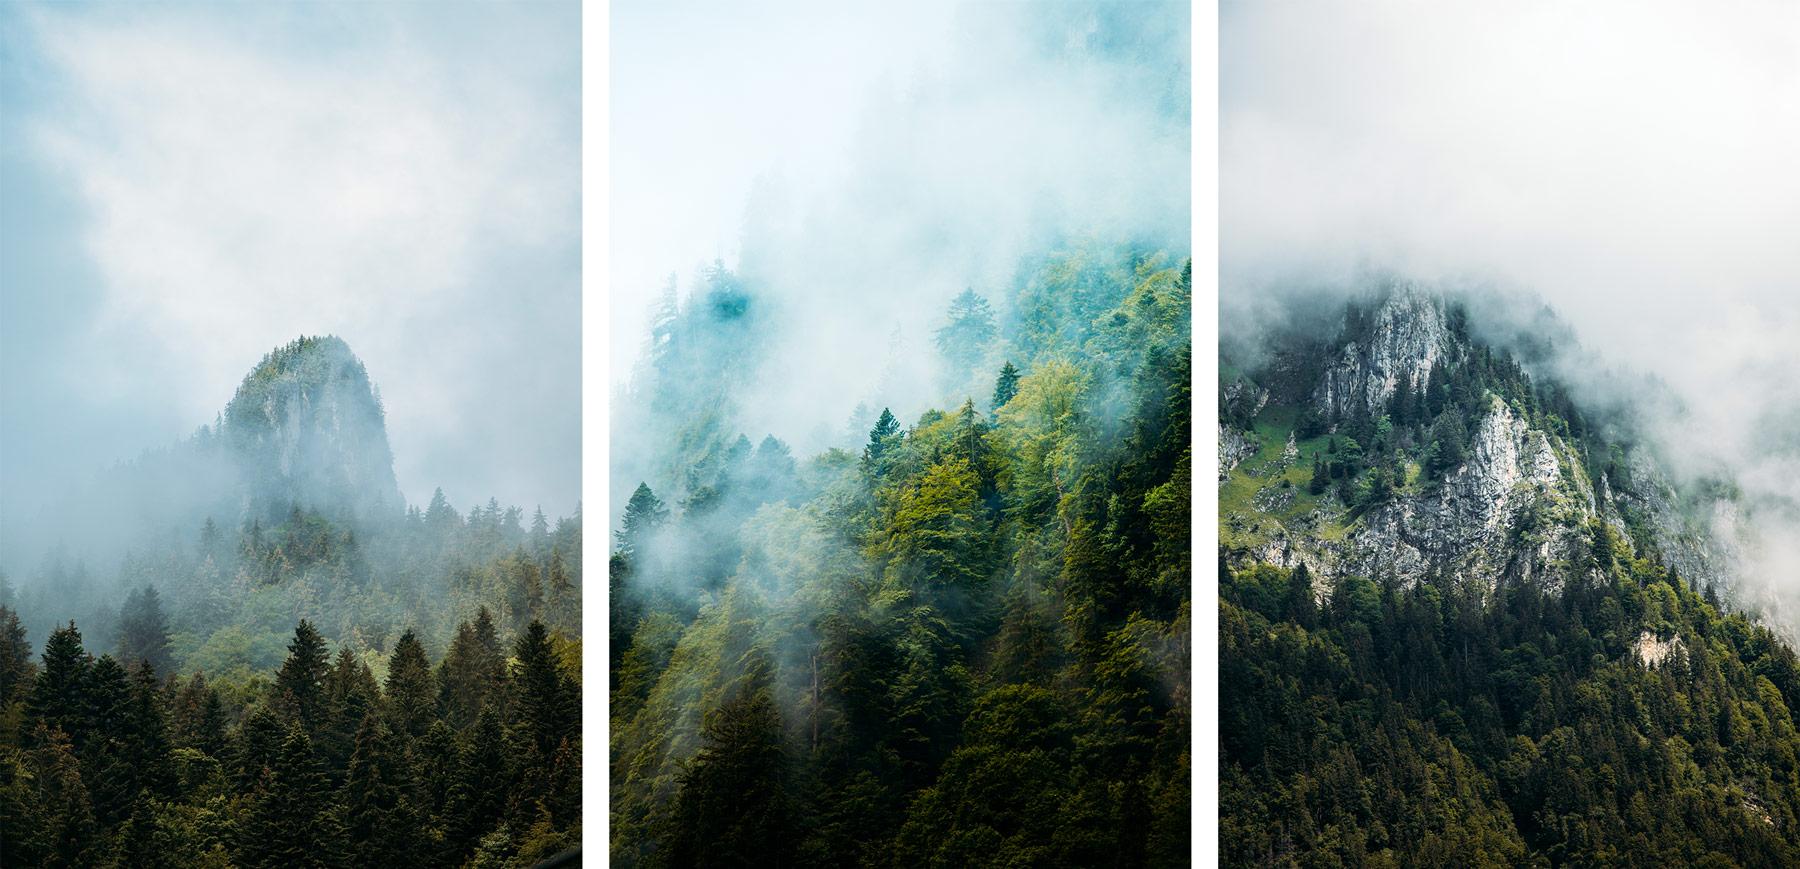 montagne dans la brume canton du fribourg